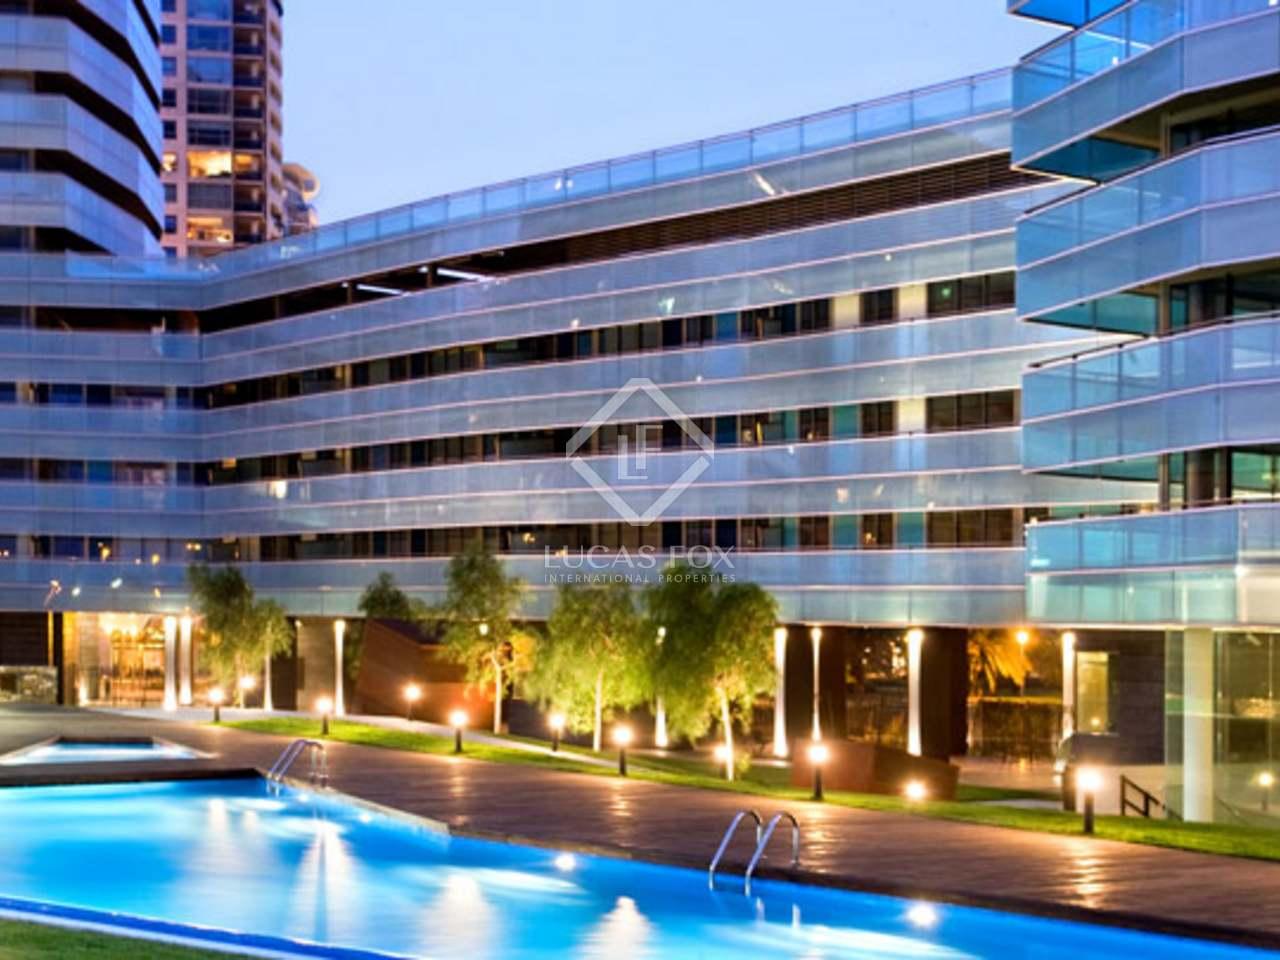 Appartements de luxe vendre diagonal mar dans la ville de barcelone - Acheter appartement a barcelone ...